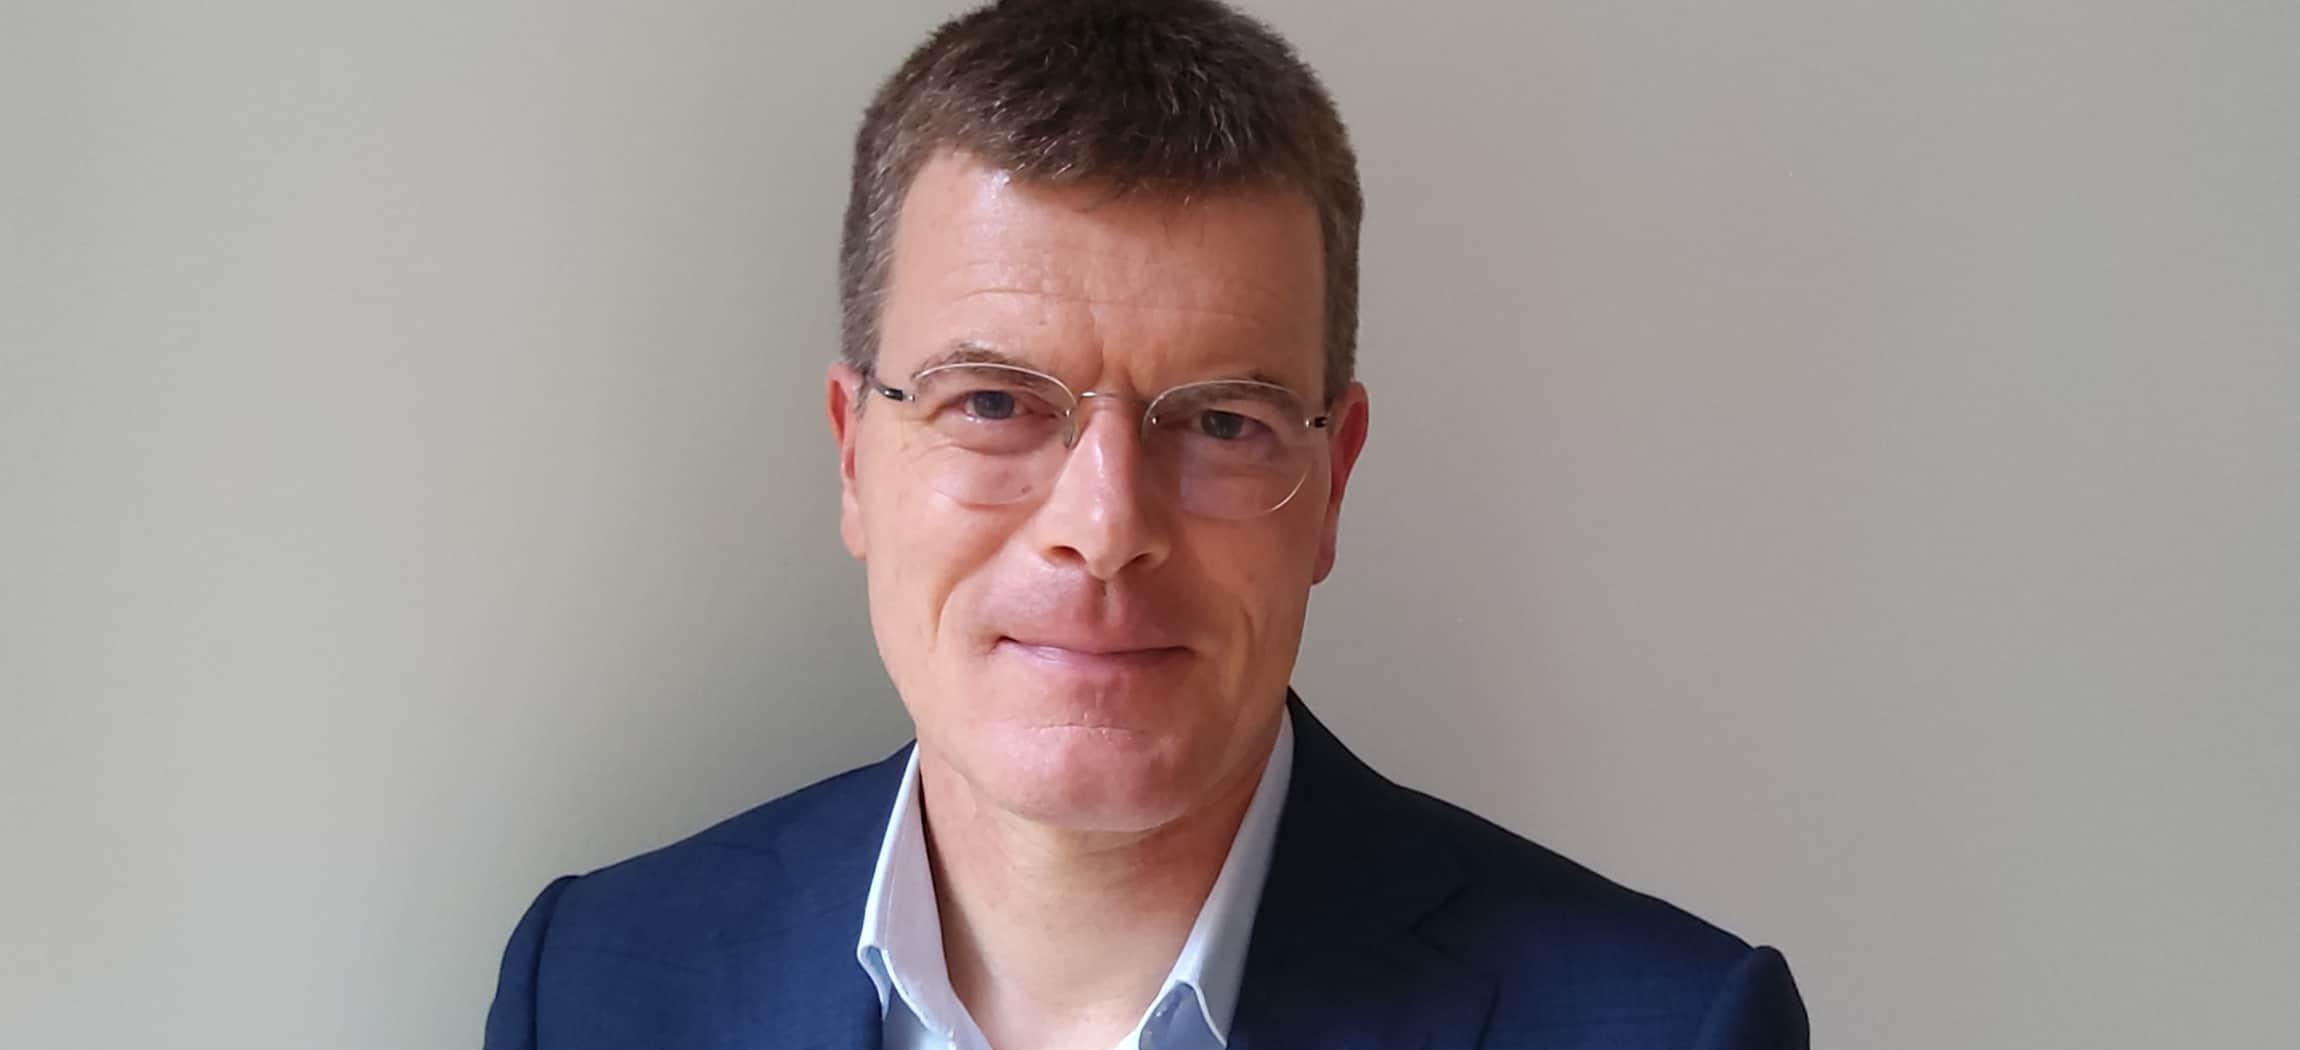 Afbeelding van Jeroen Lambriks wordt de nieuwe bestuurder van Amstelring per 1 februari 2021